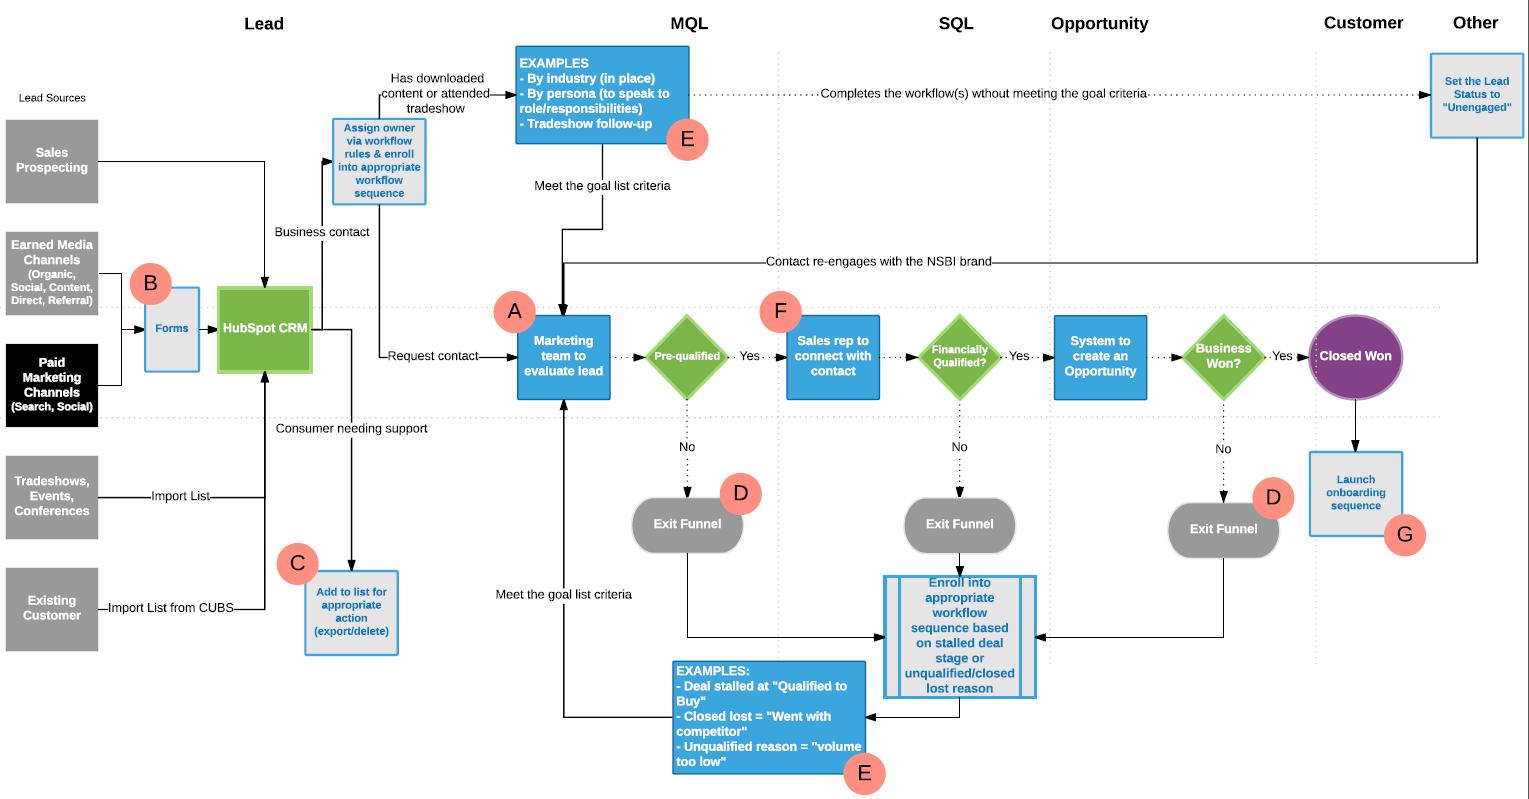 Lead Flow Sales Process Map